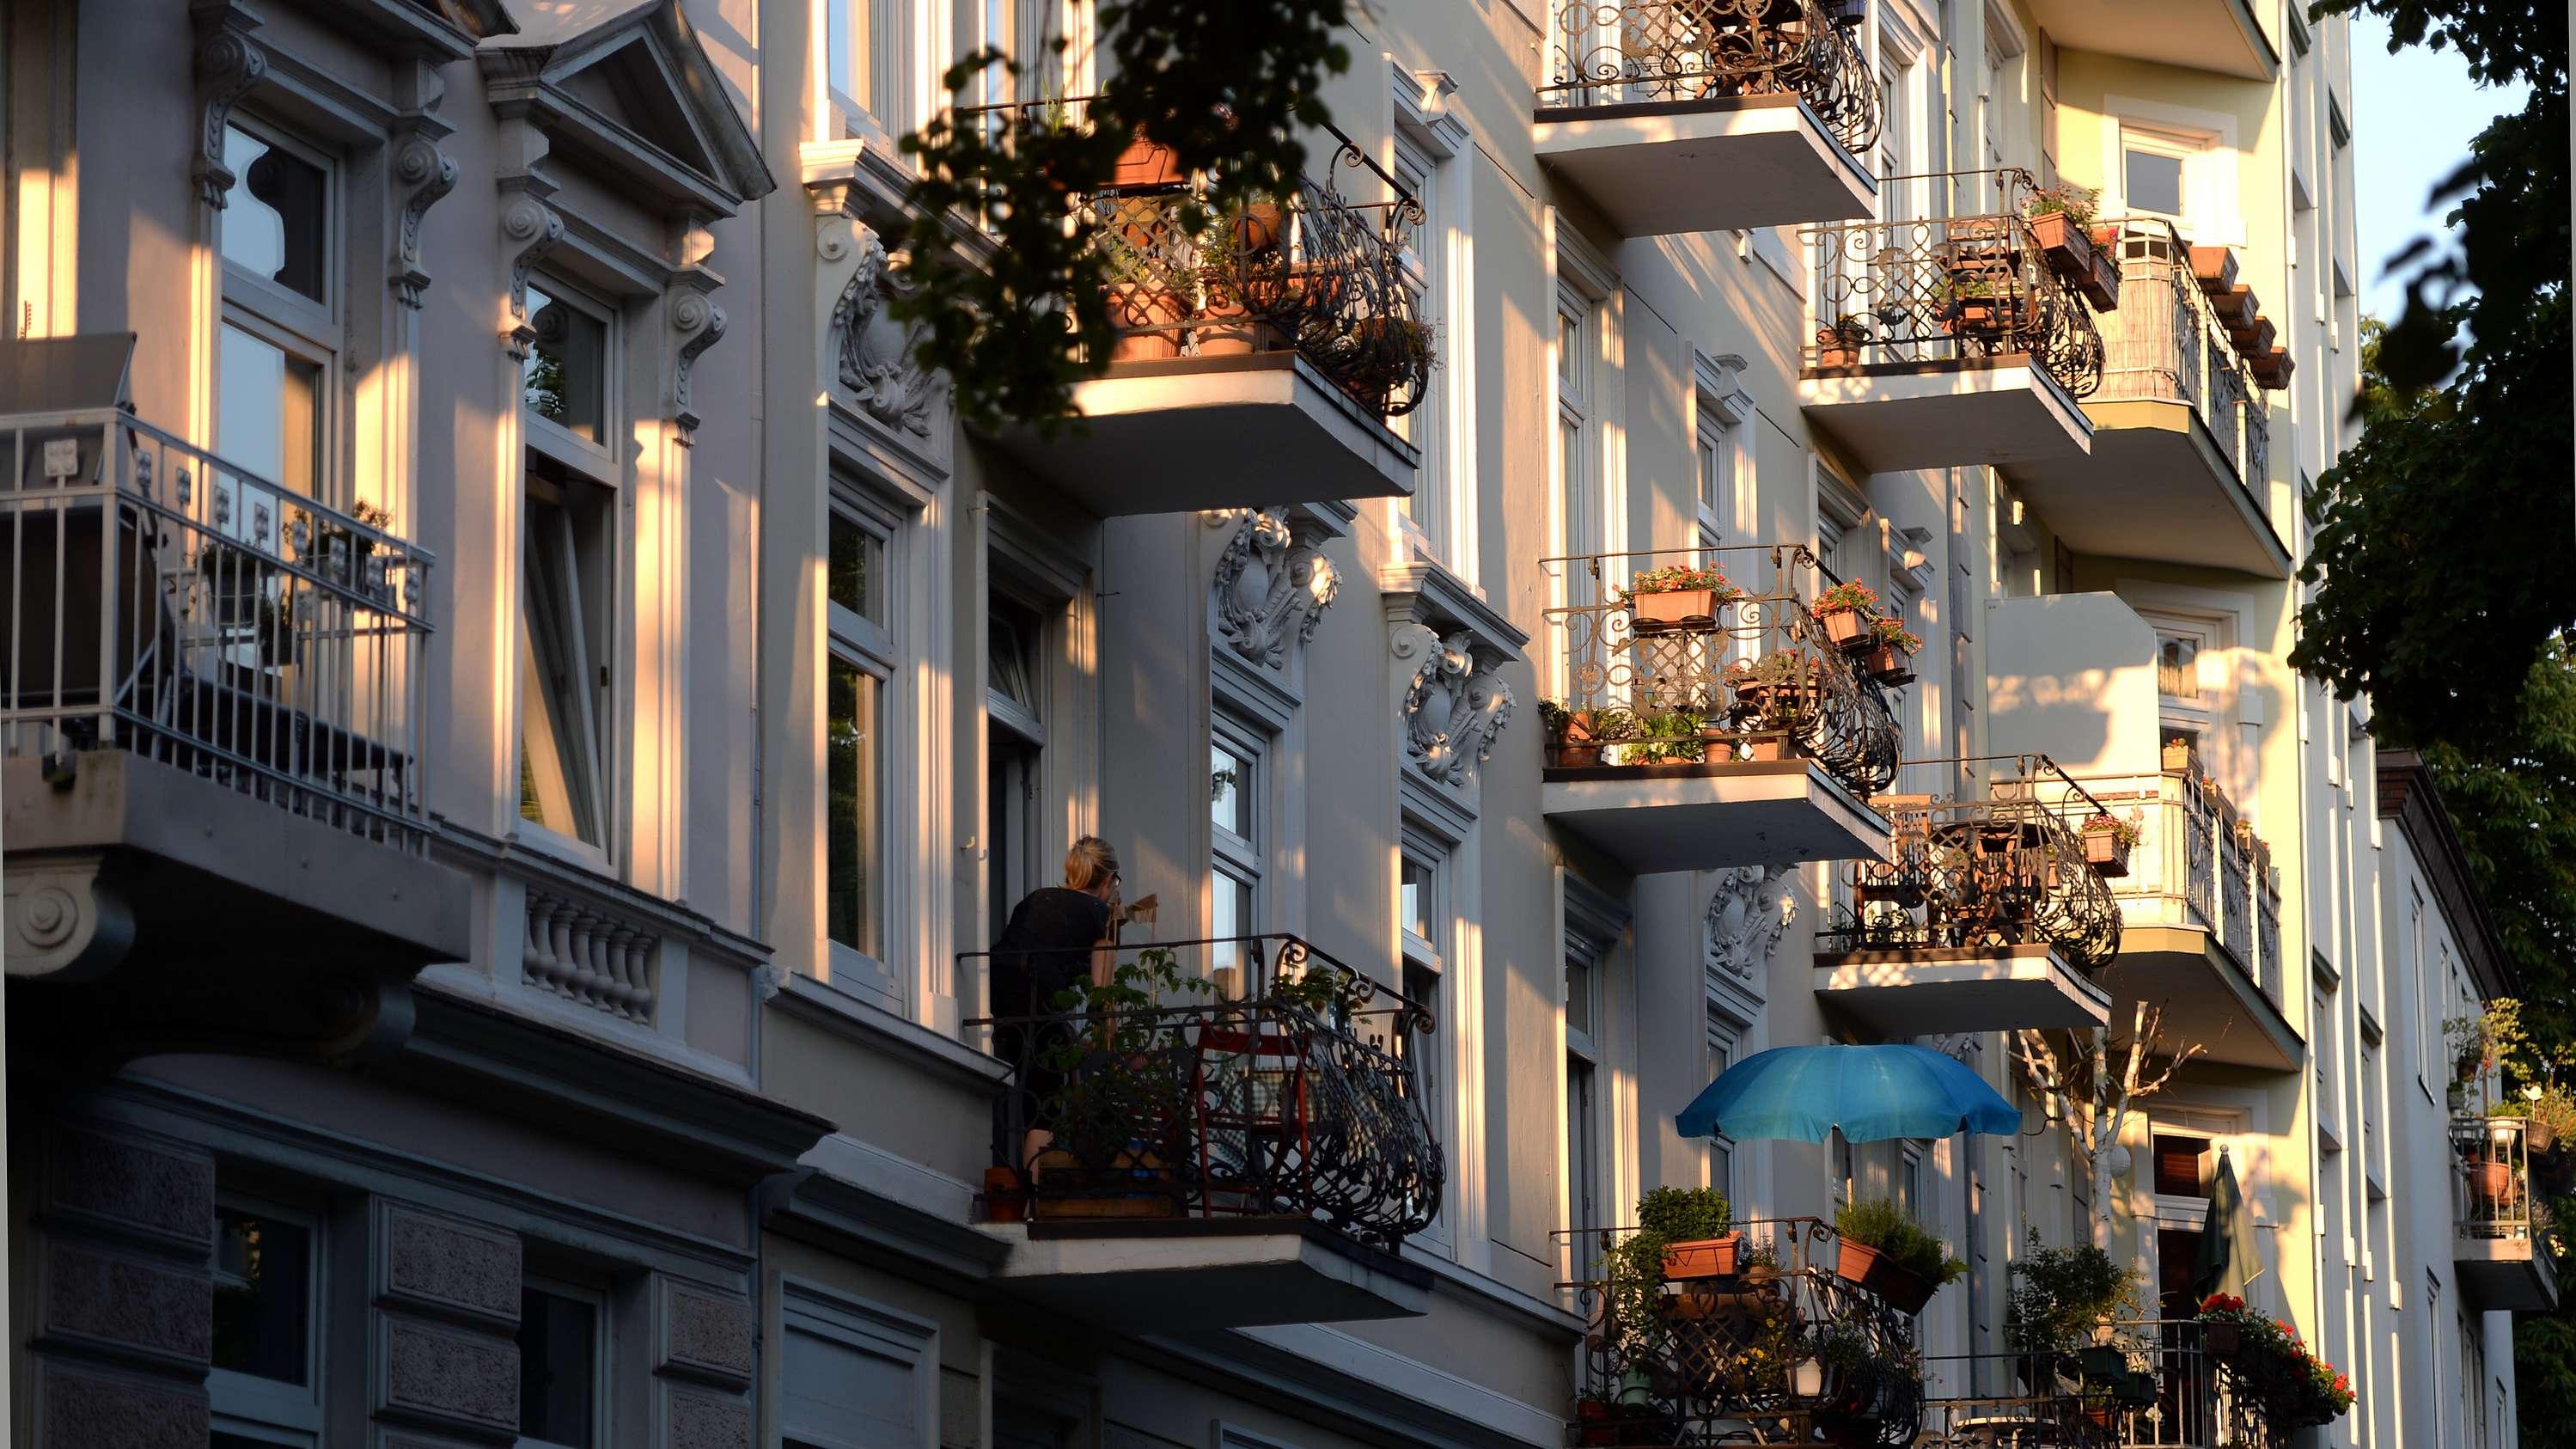 Balkone von Mietshäusern